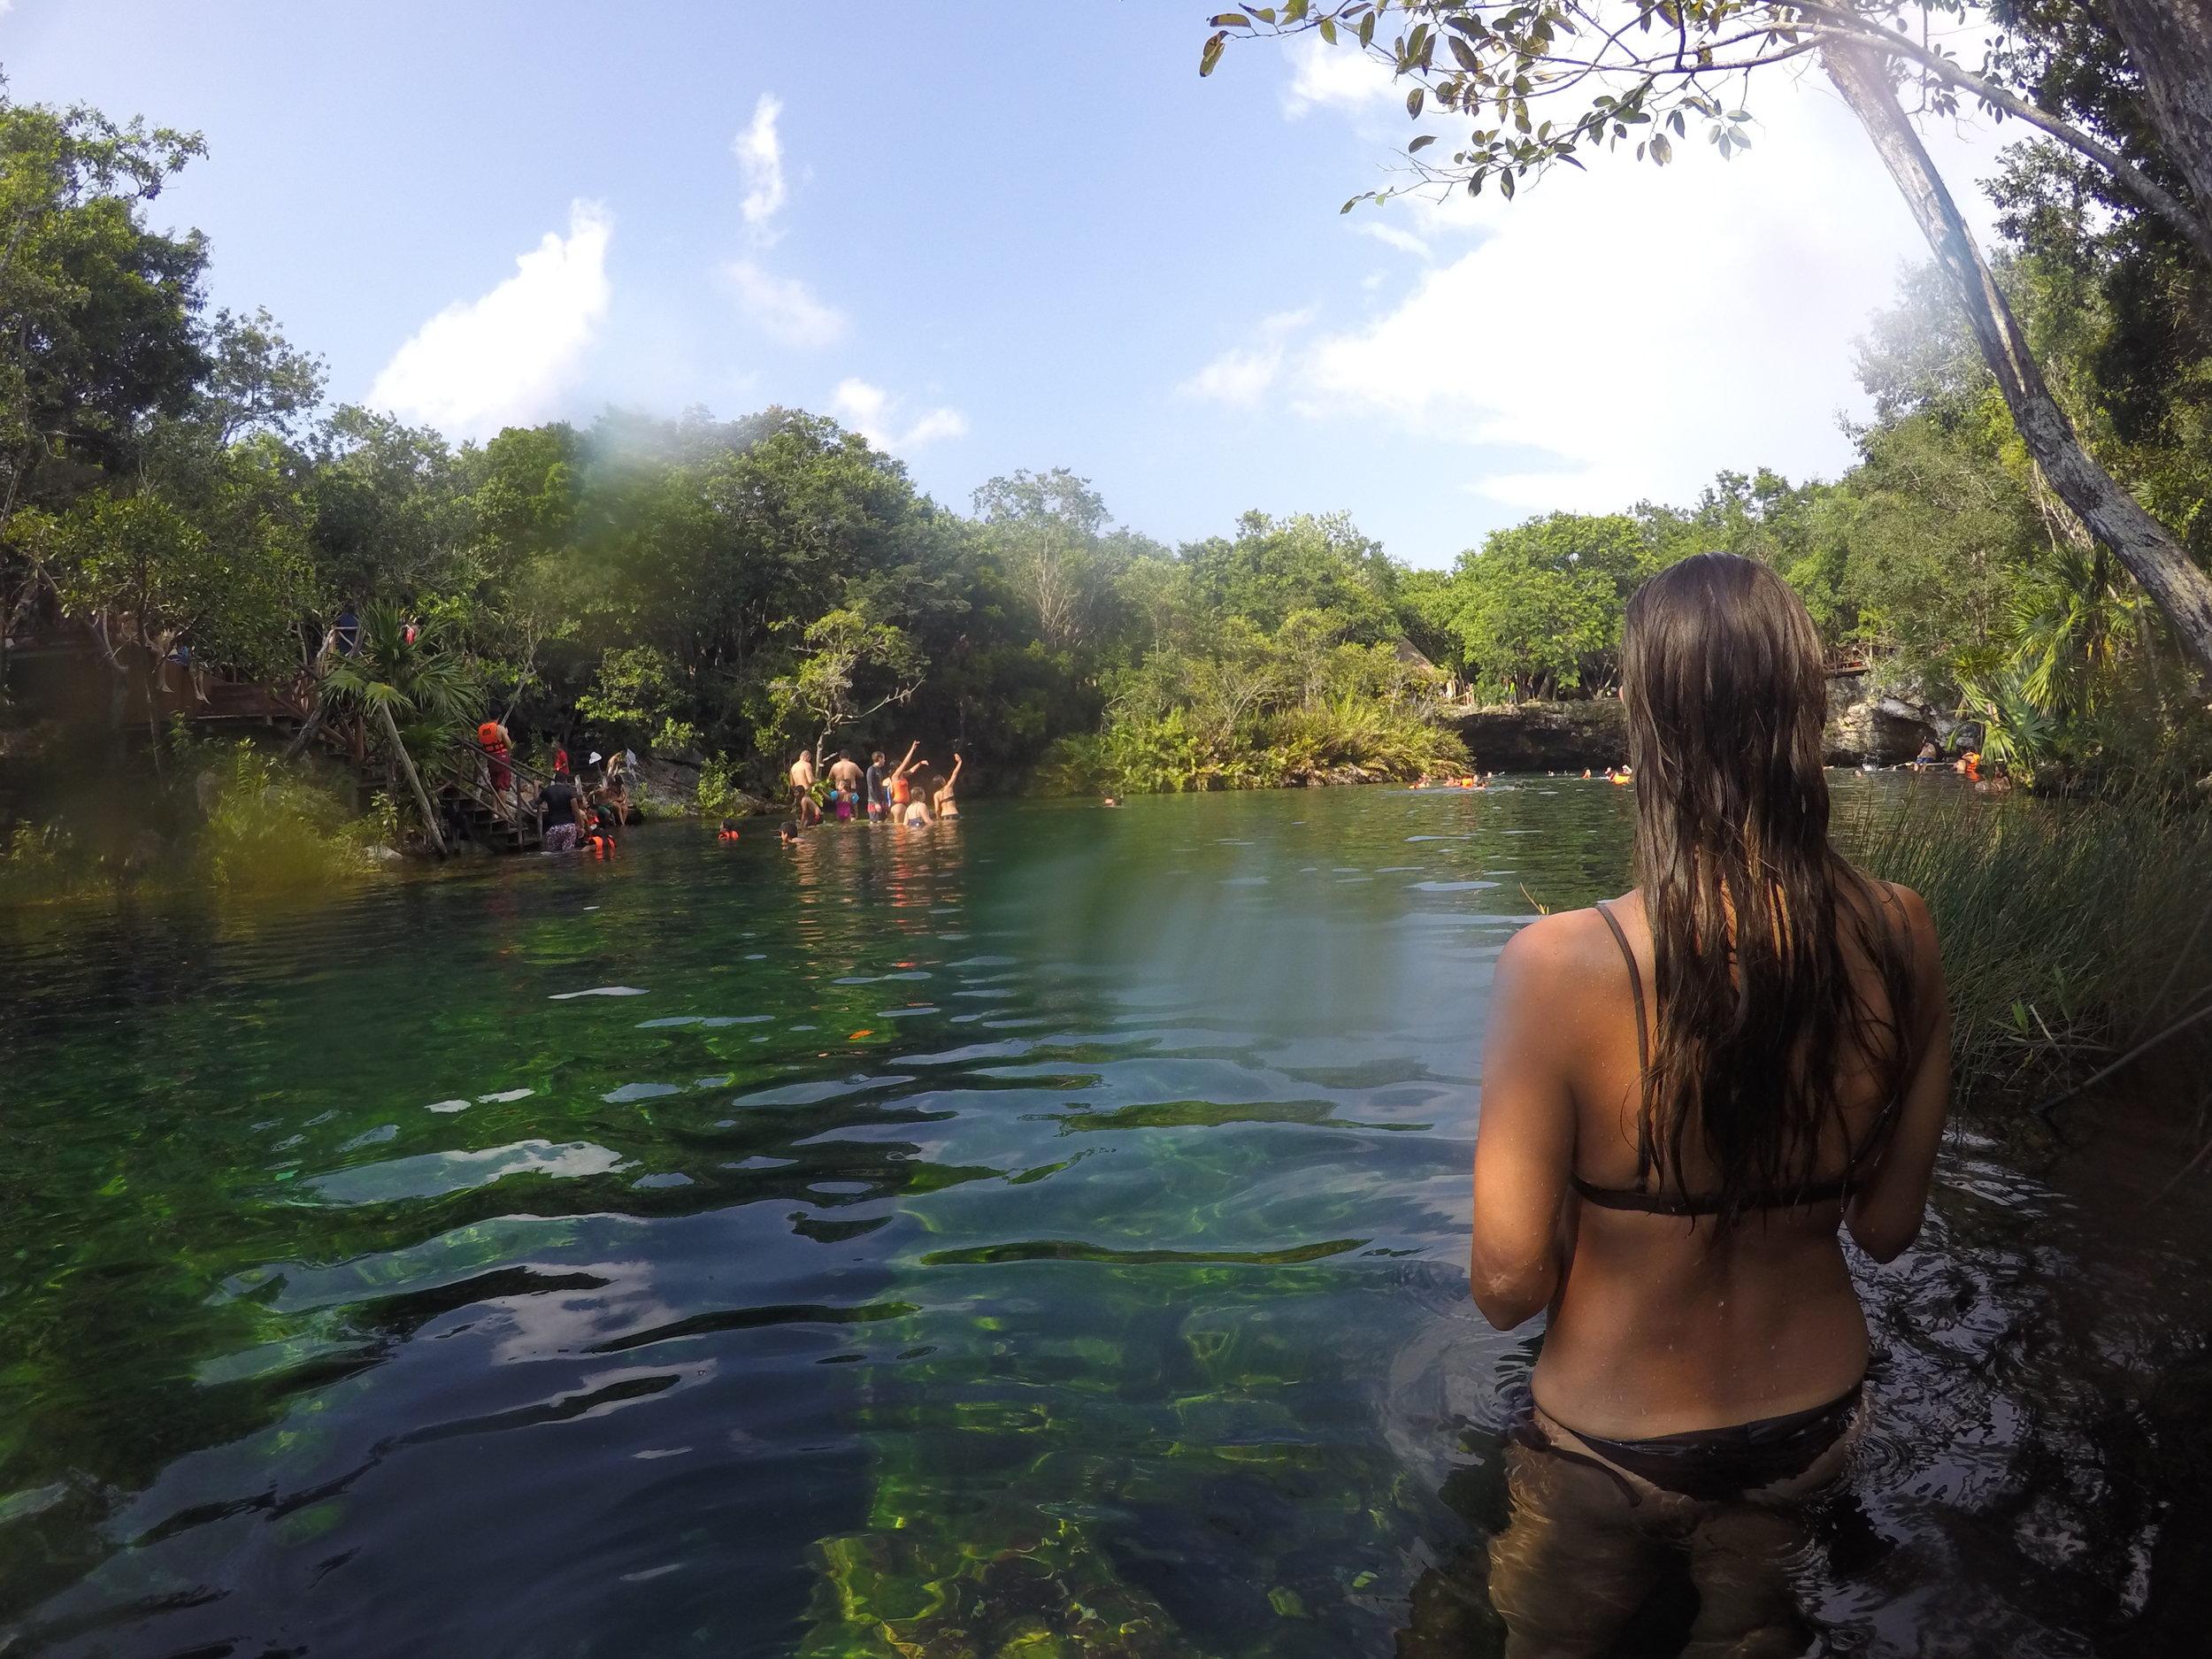 Blurry Garden of Eden- cenote